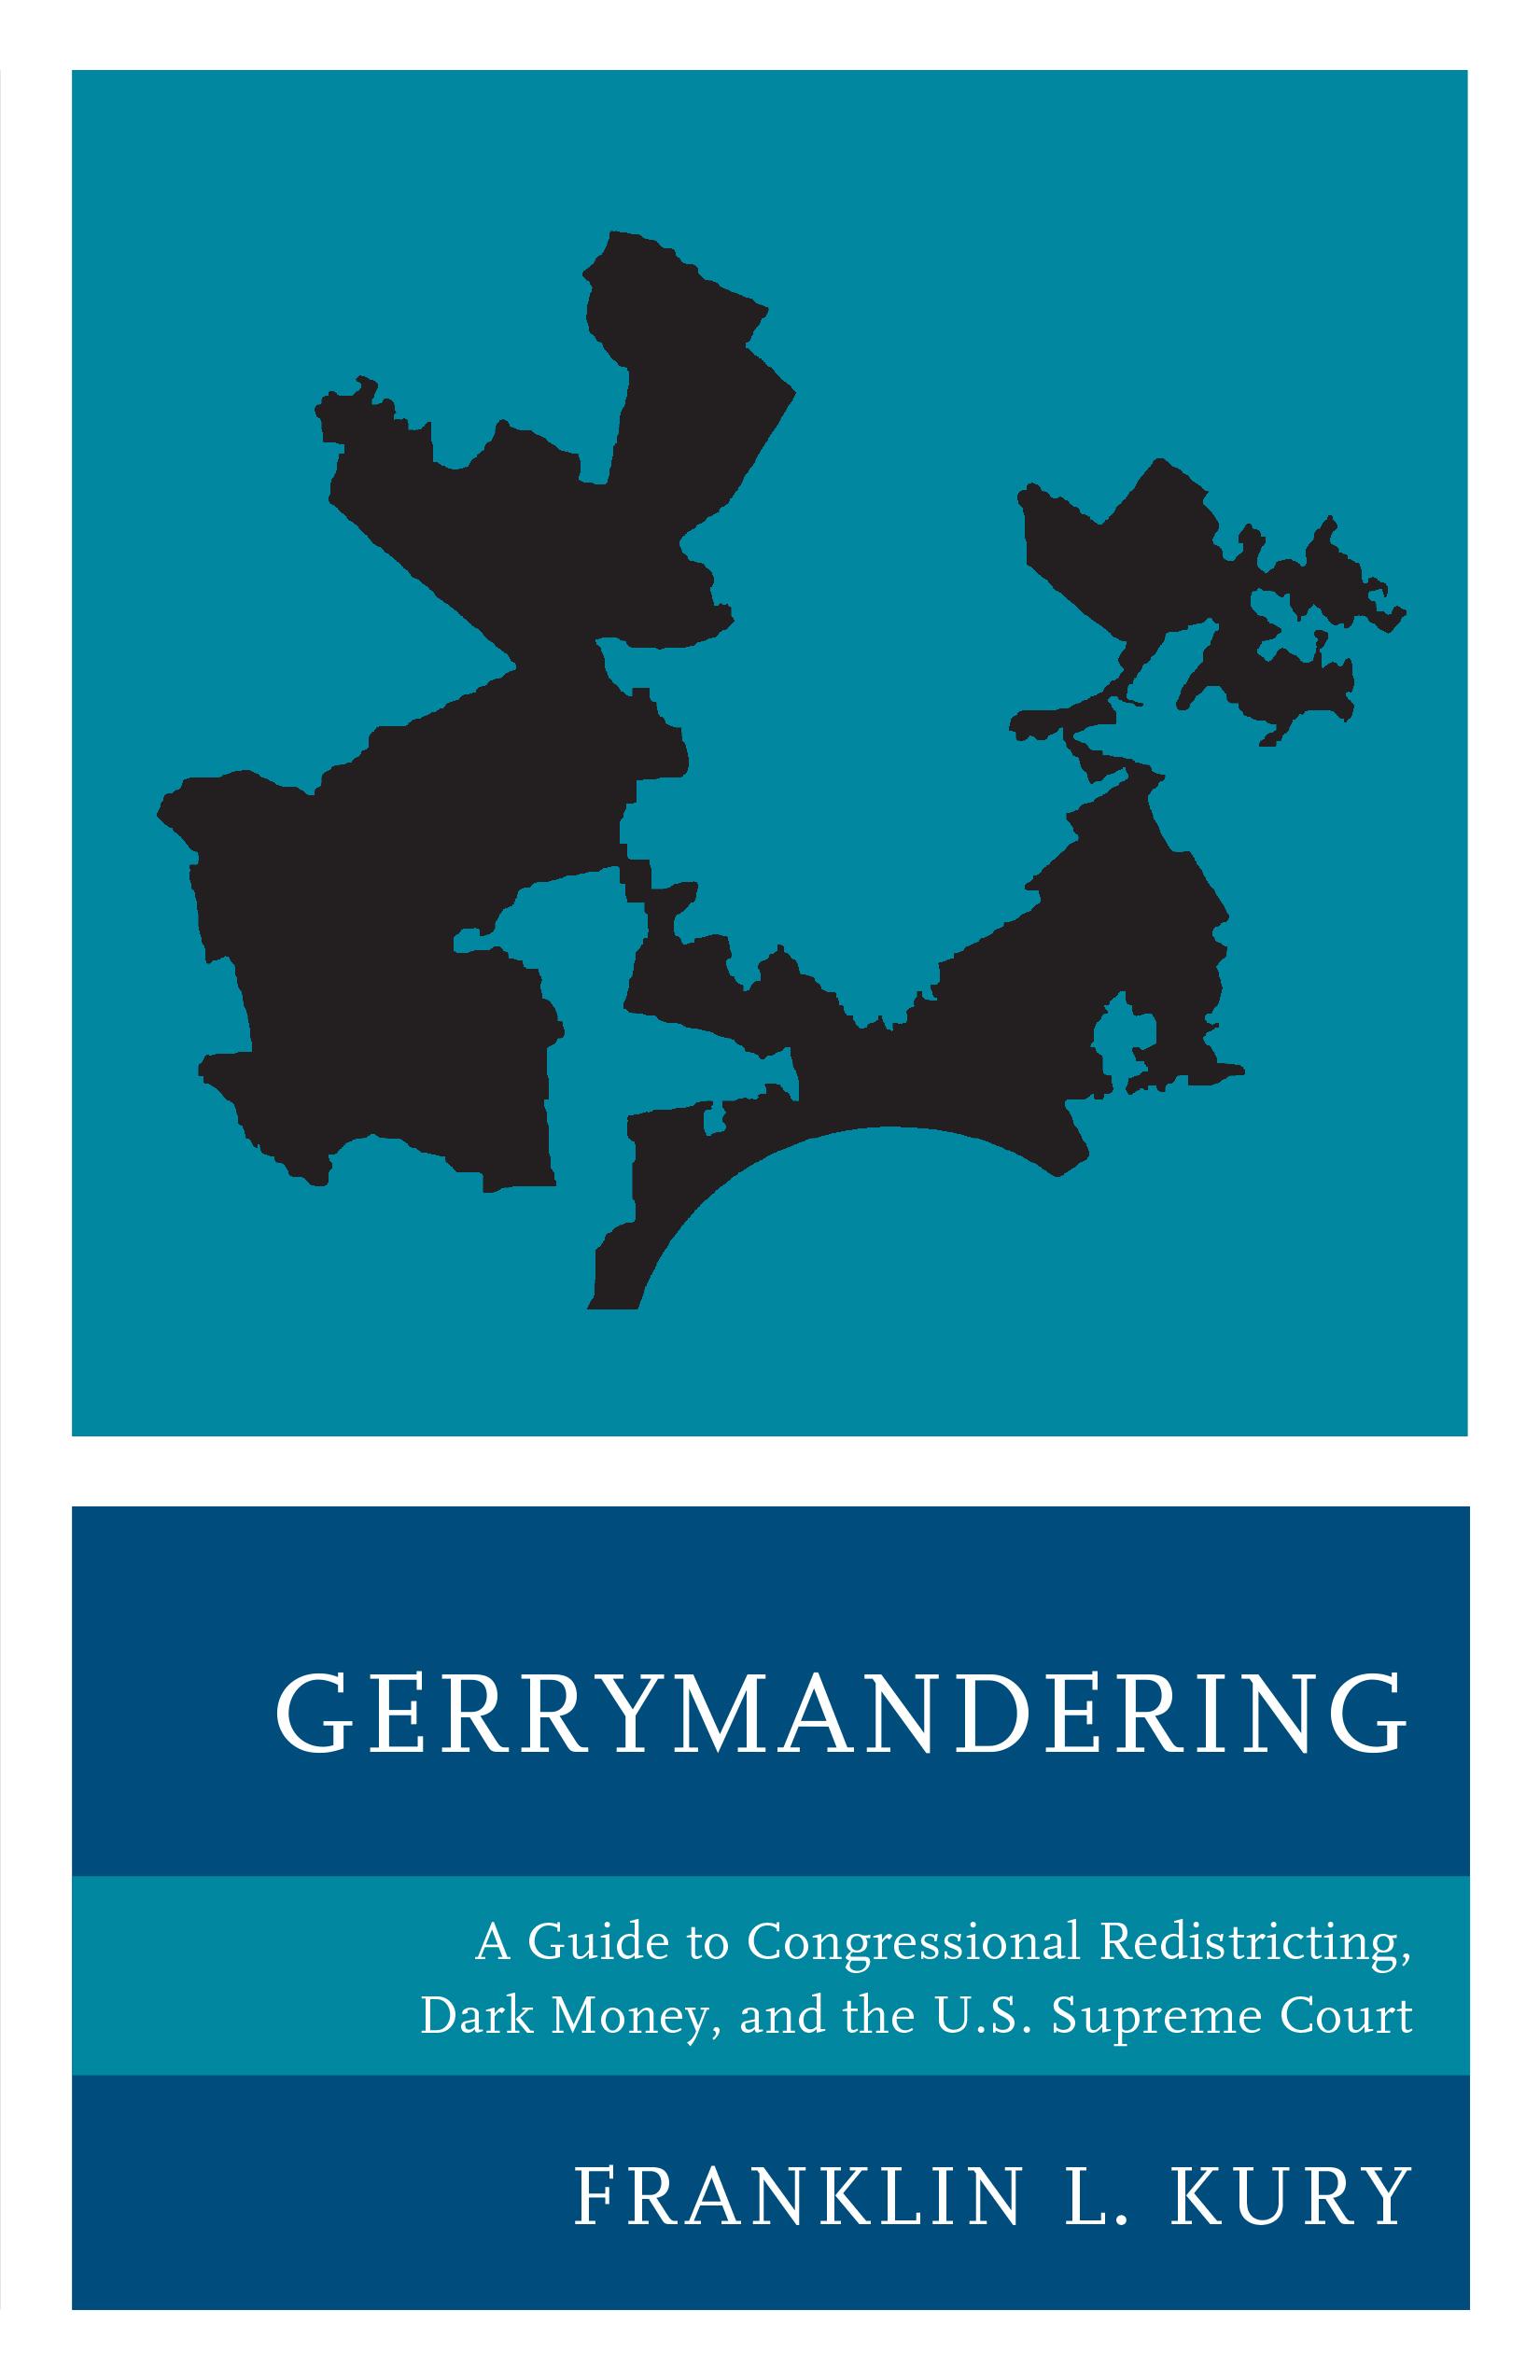 gerrymandering.jpg